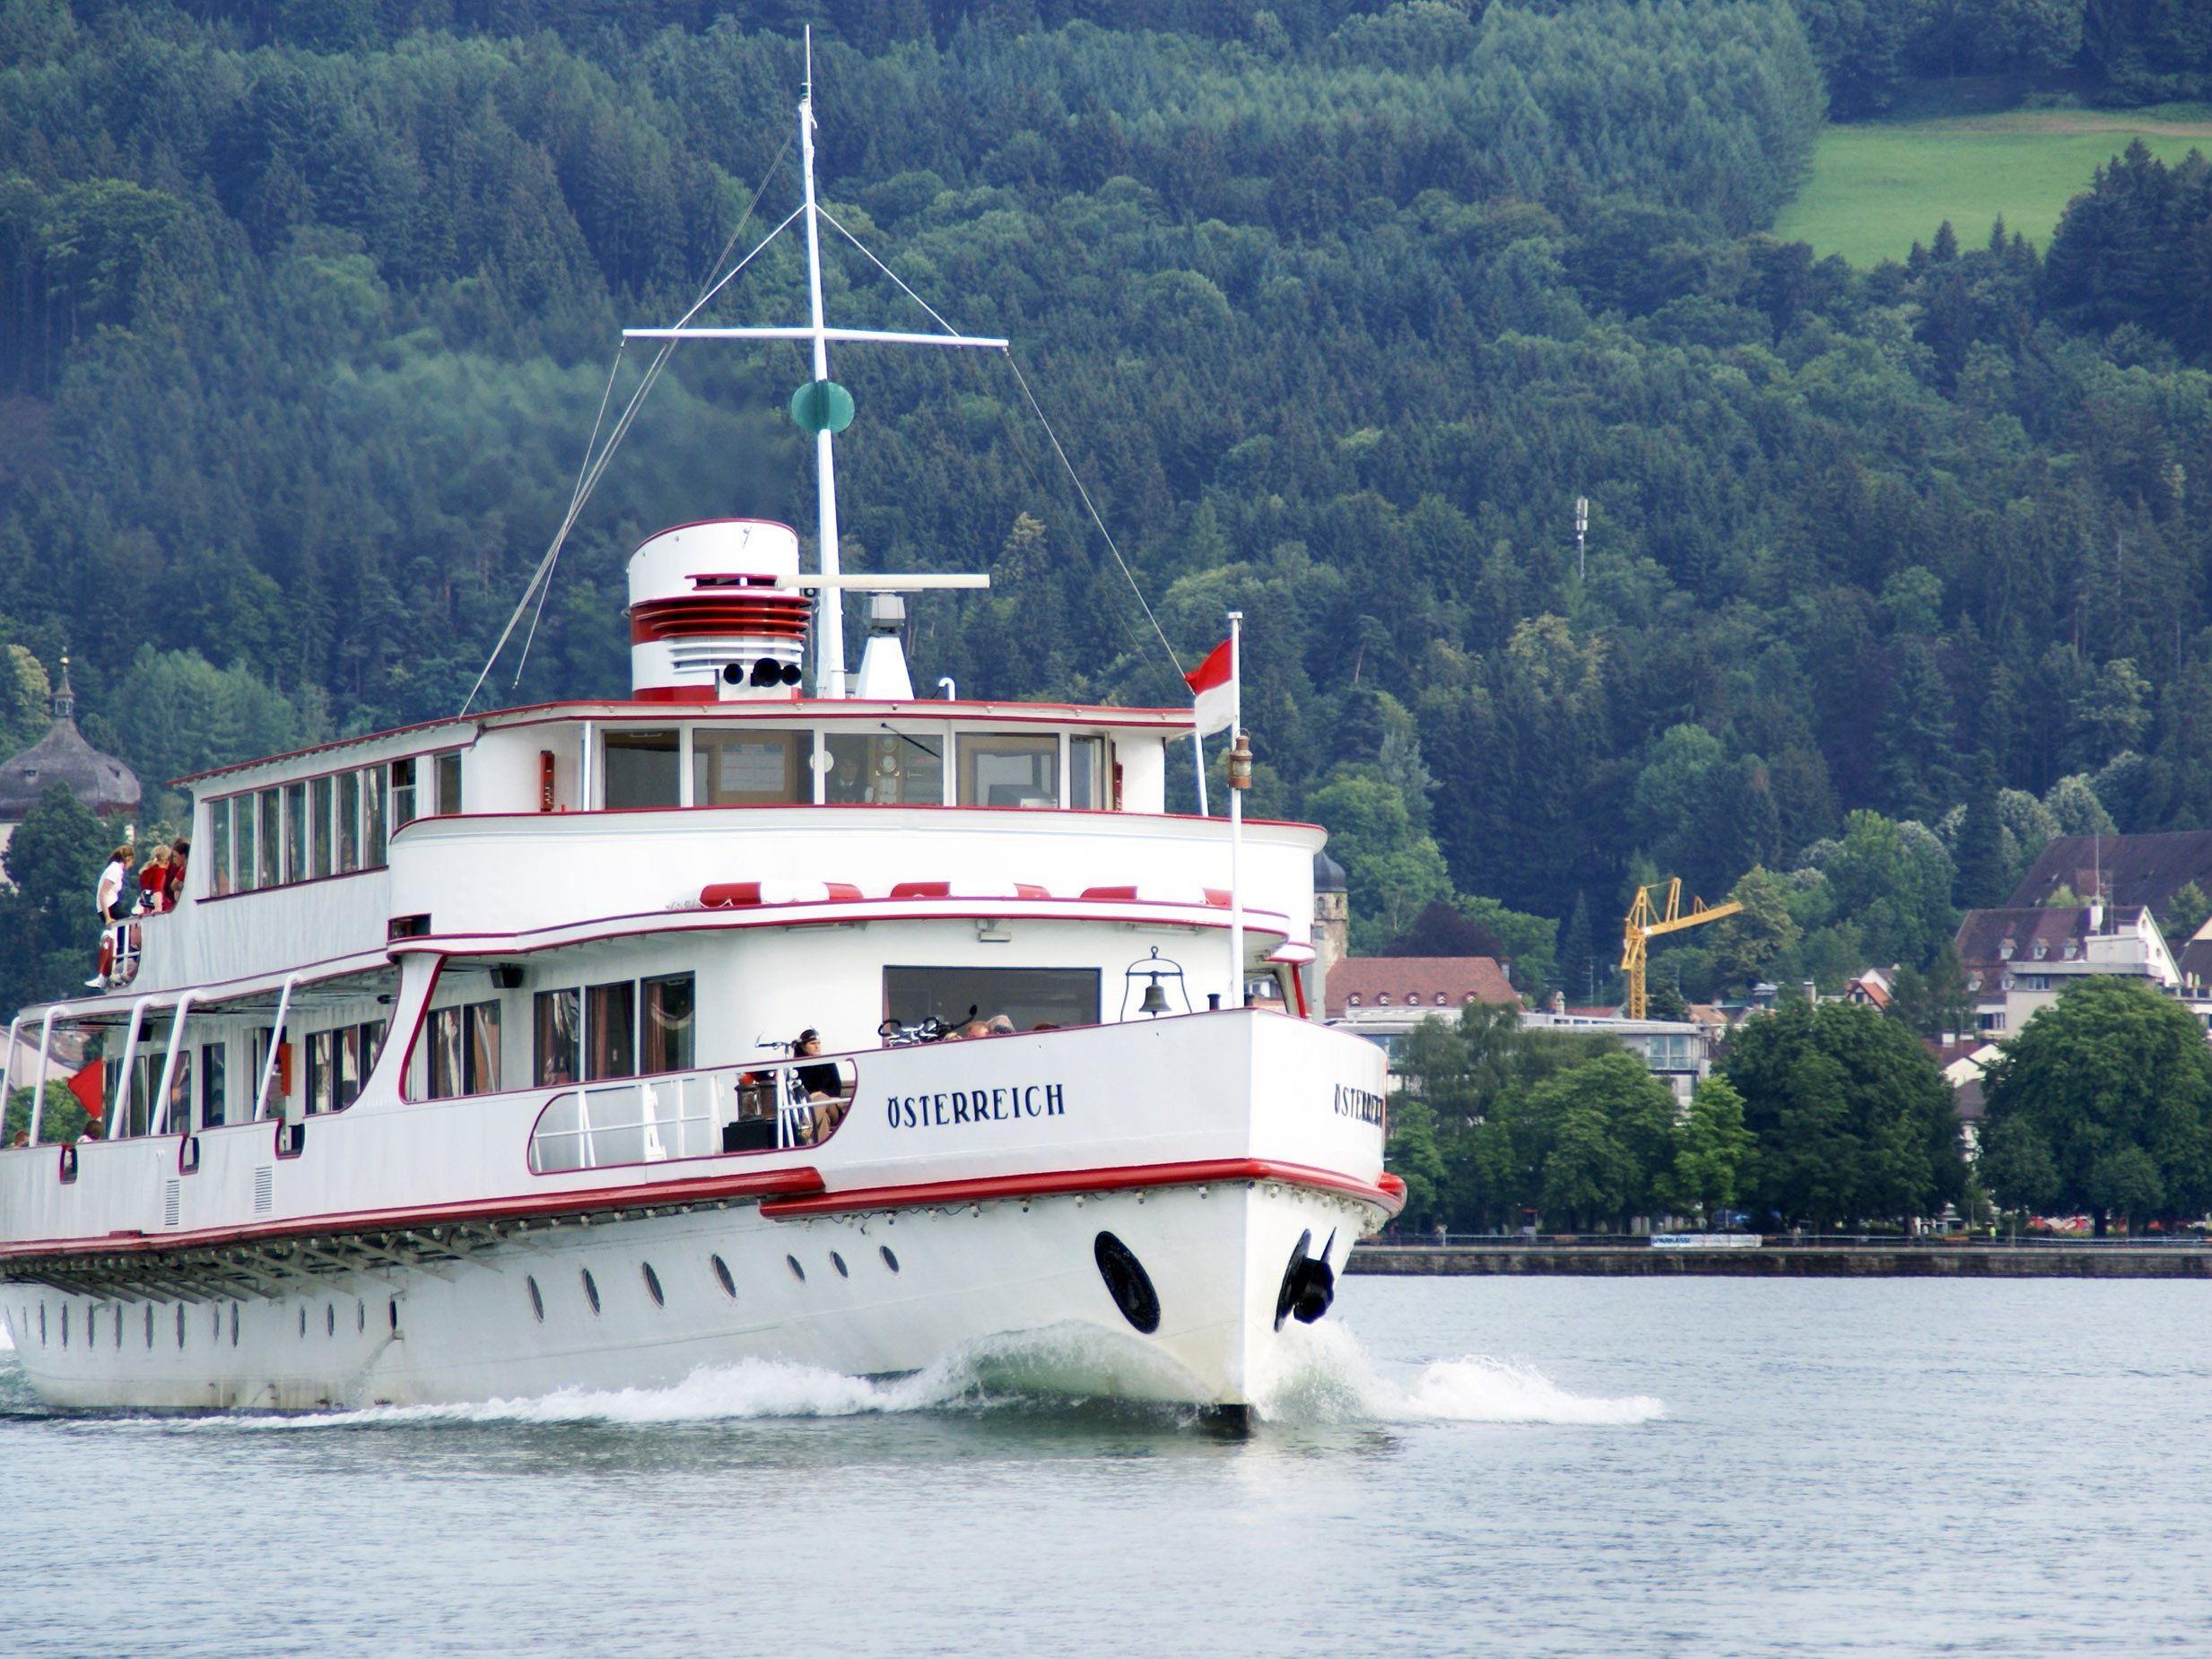 """Das stolze MS Österreich soll restauriert werden. Am 11. Juli ist """"Tag des offenen Schiffes"""" mit Inventarverkauf."""